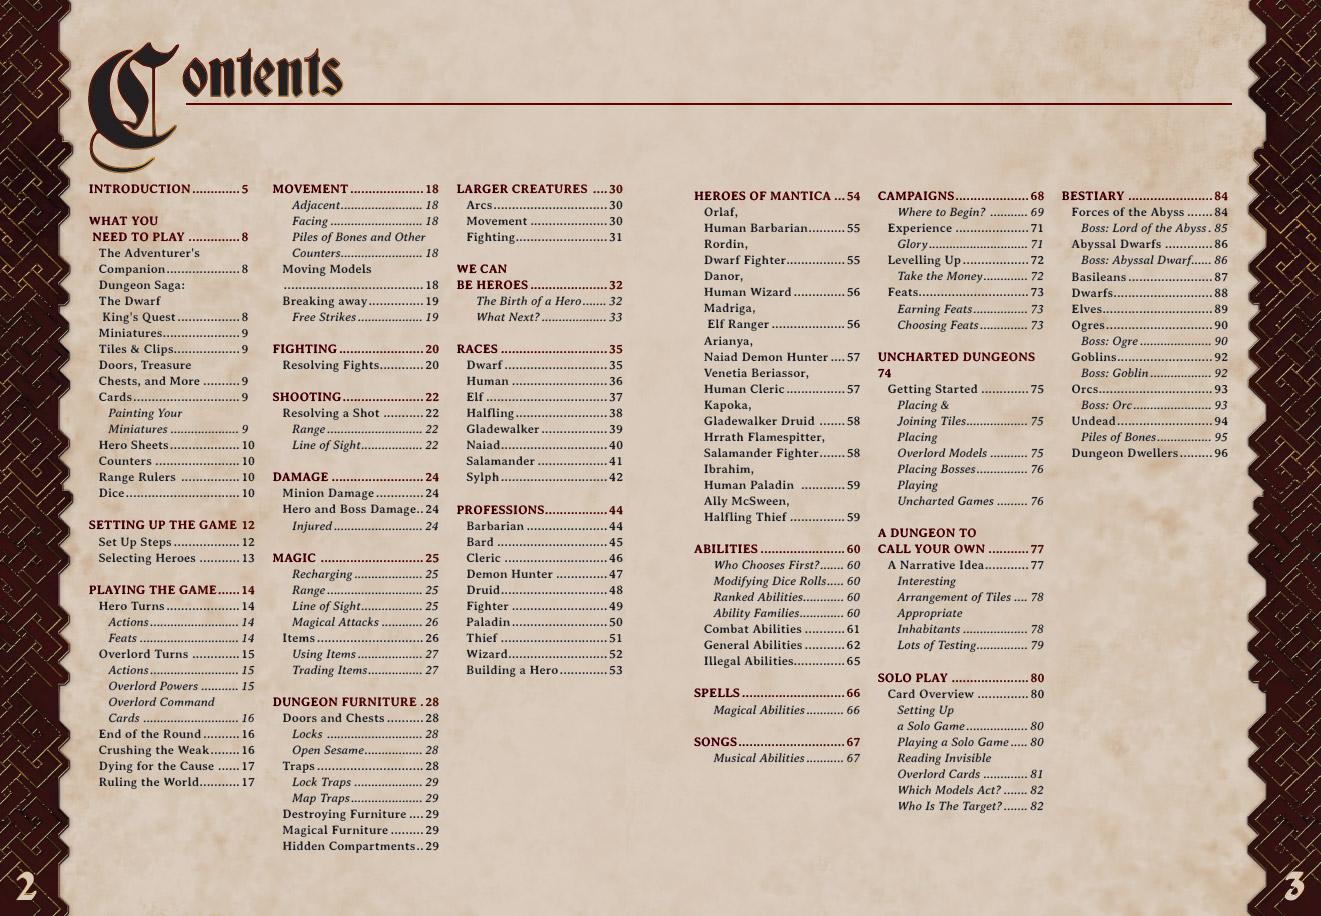 Adventurer's-Companion-Contents